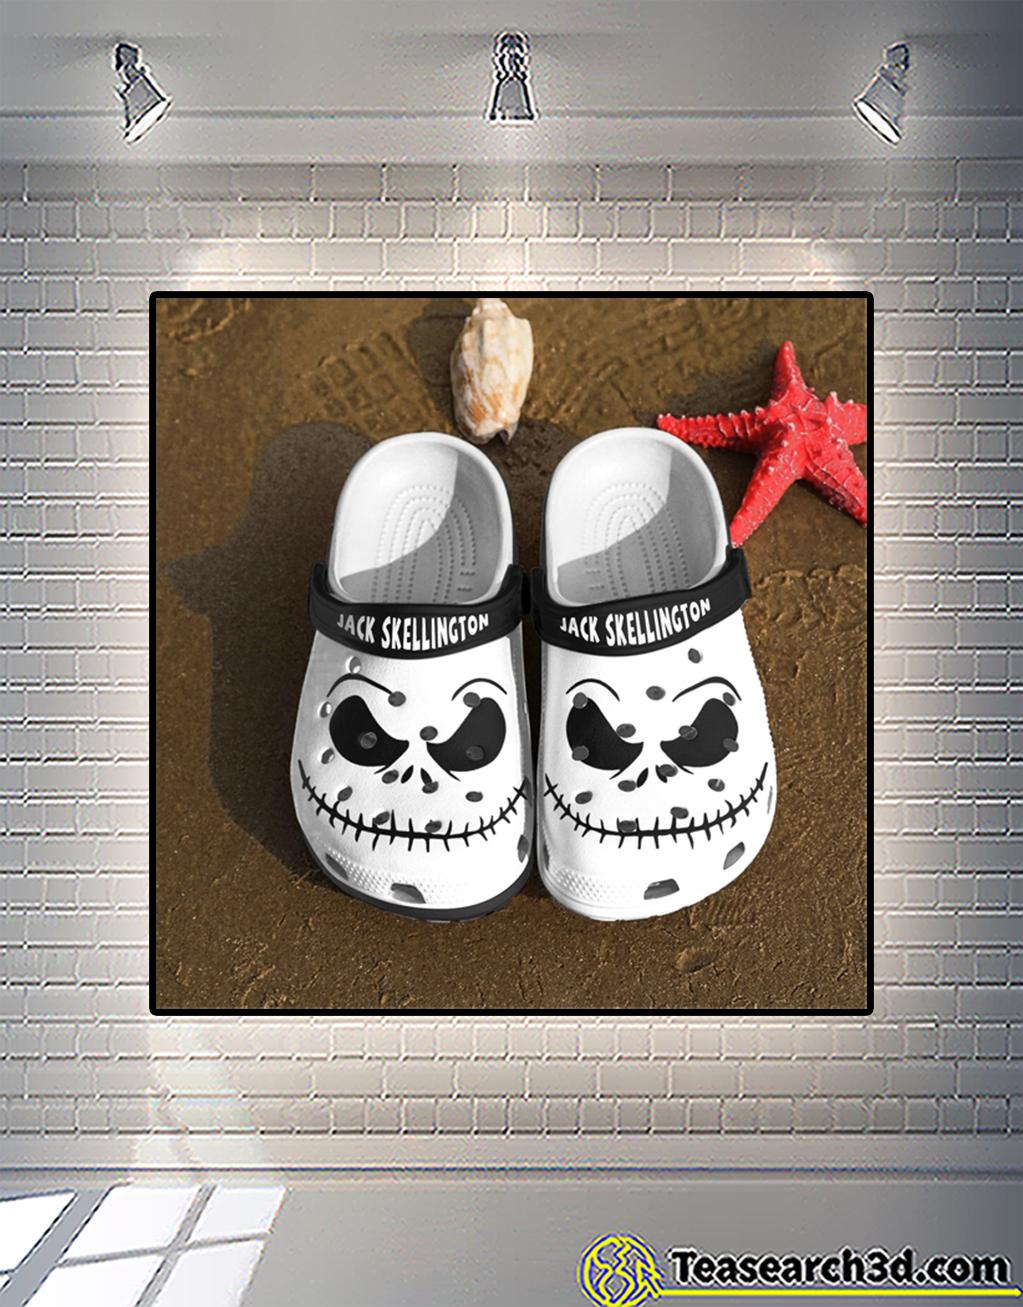 Jack skellington crocs shoes